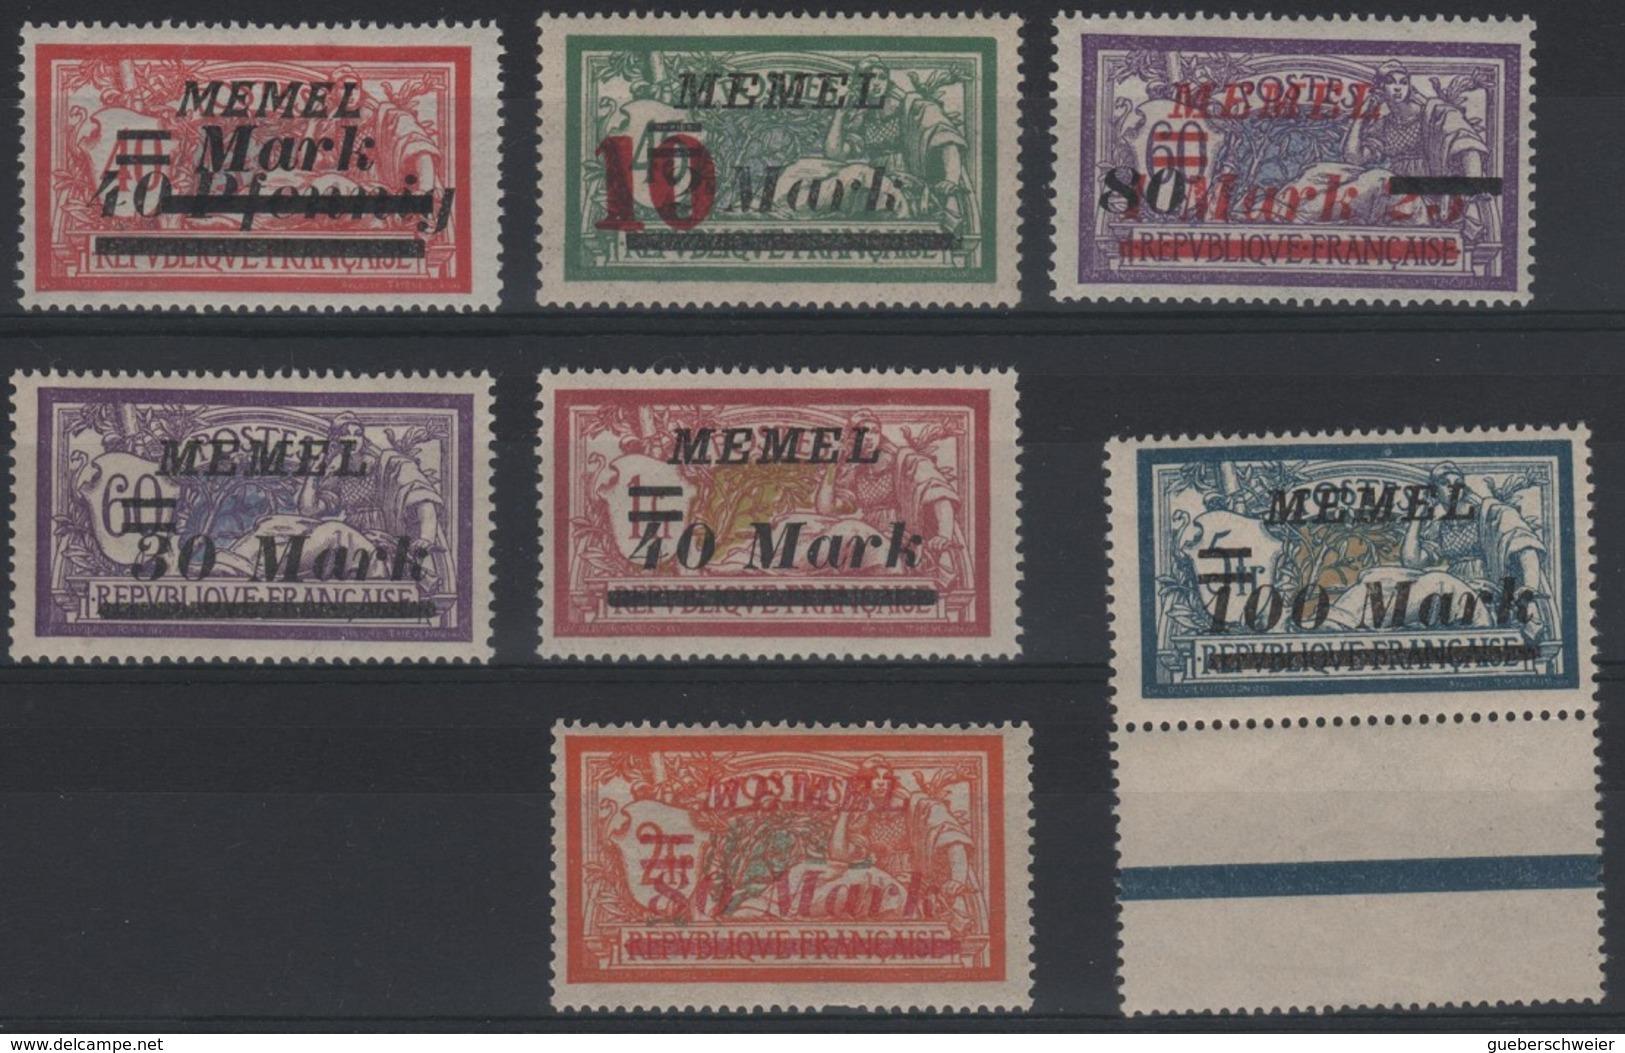 MEM80 - MEMEL Merson N° 82-84-85 + 91/94 Neuf** - Neufs